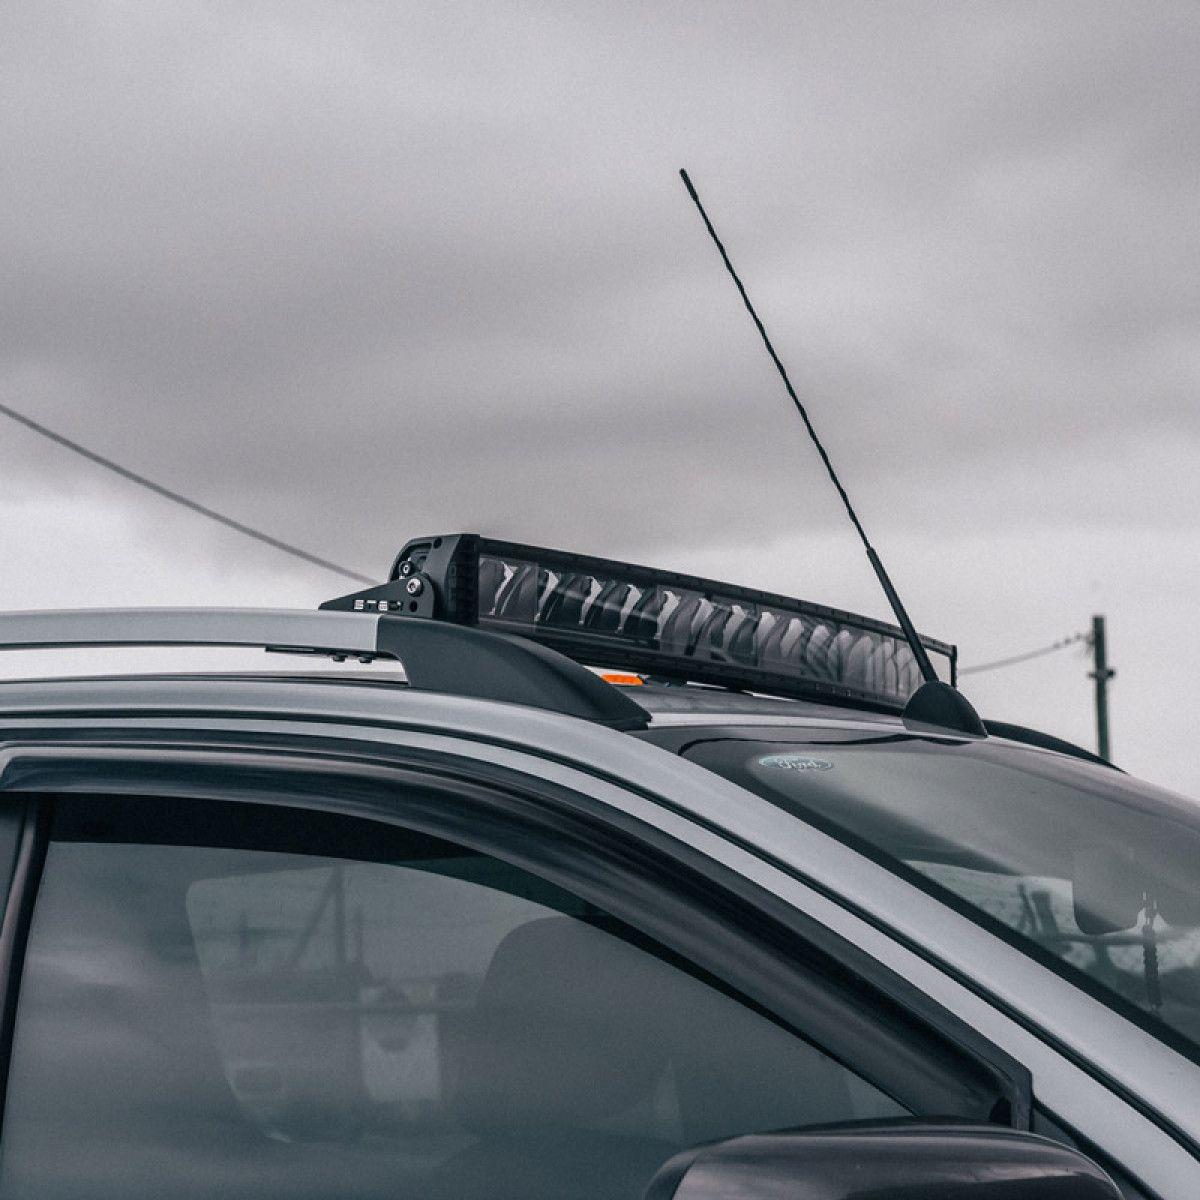 Ford Ranger Wildtrak Fx4 Roof Light Bar Mounting Bracket En 2020